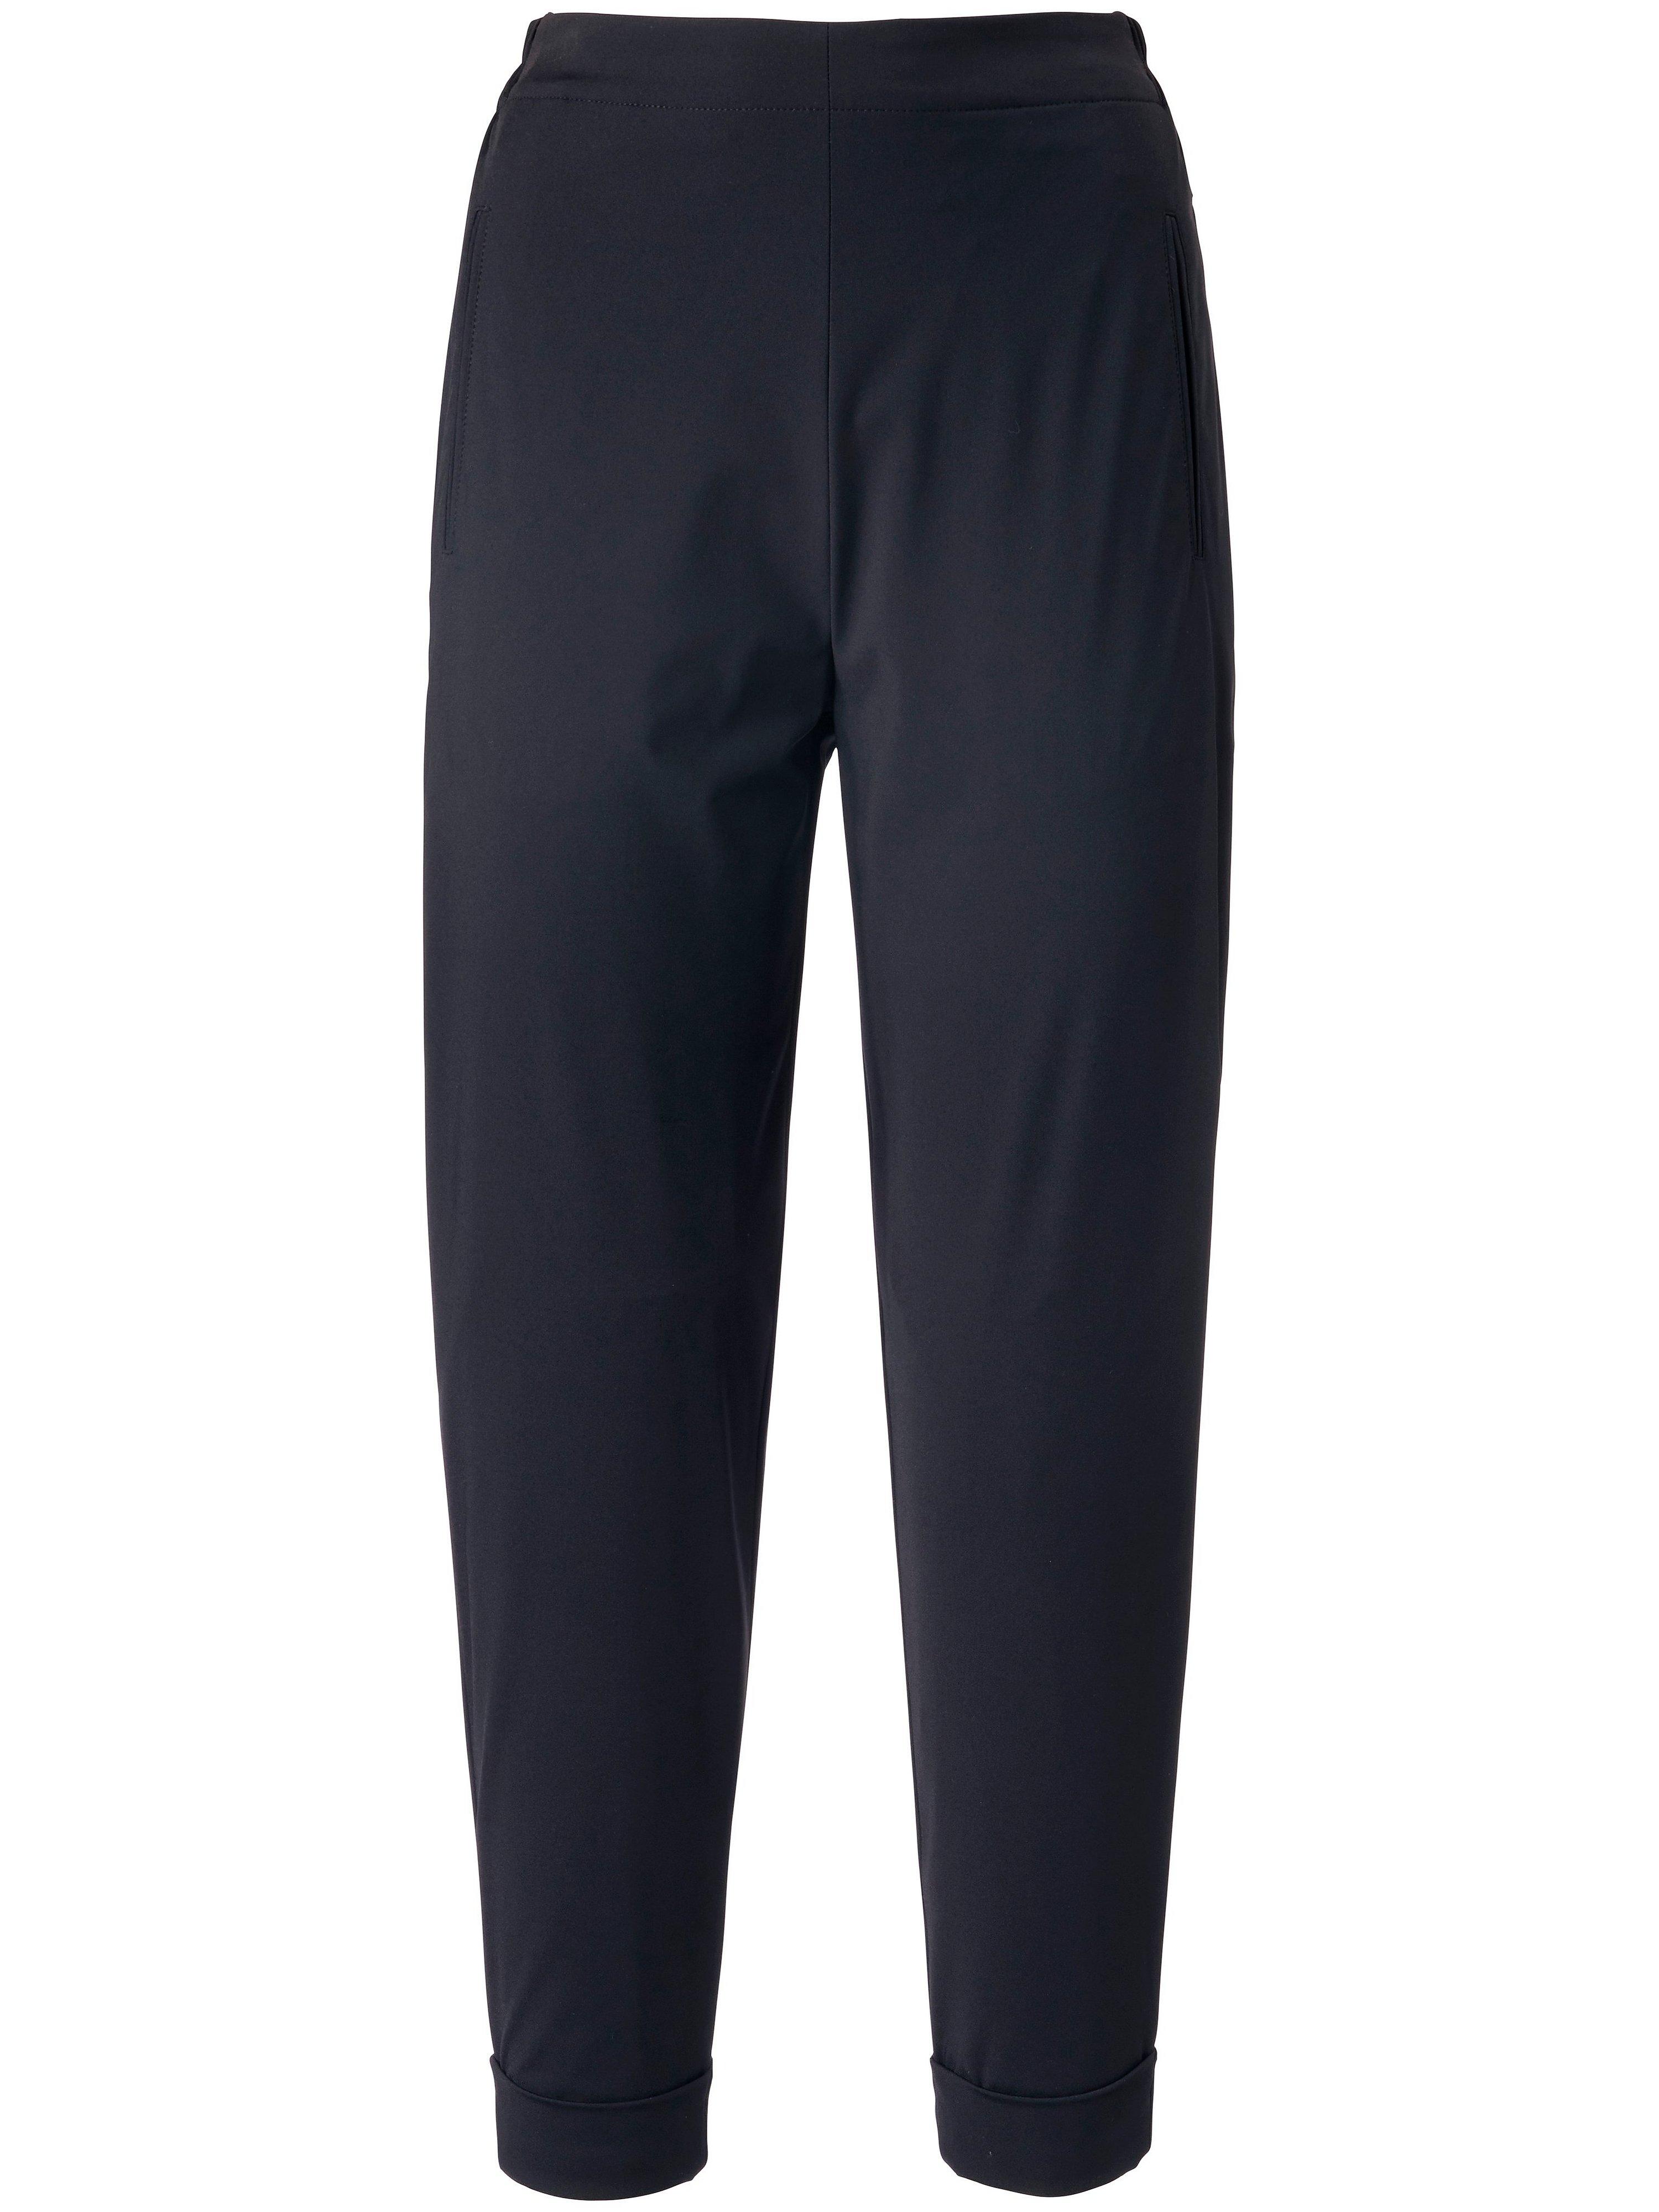 7/8-jerseybroek deels elastische band Van elemente clemente zwart